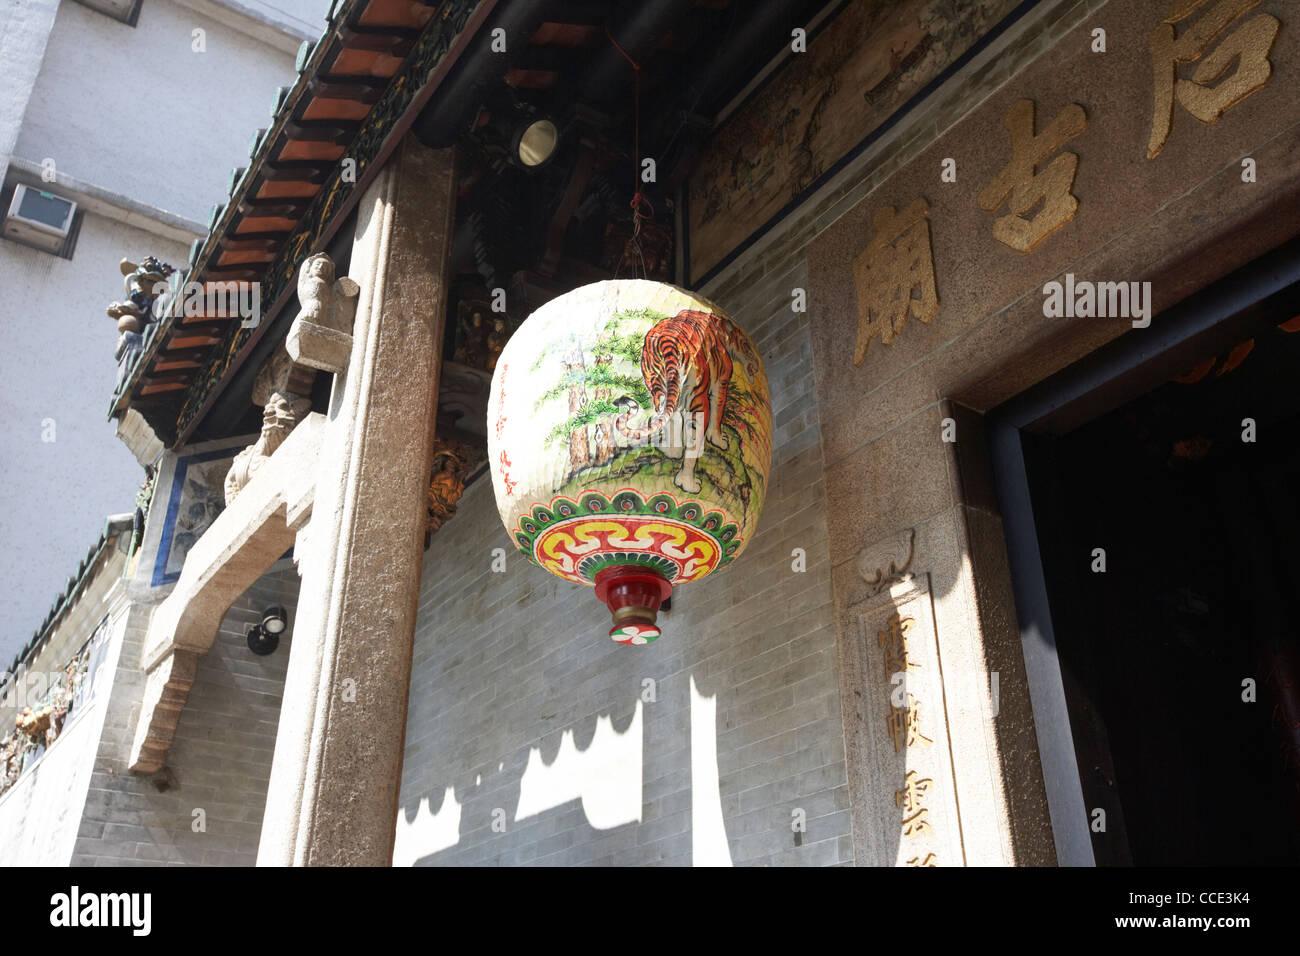 chinese lantern with tiger motif tin hau temple aberdeen hong kong hksar china asia - Stock Image